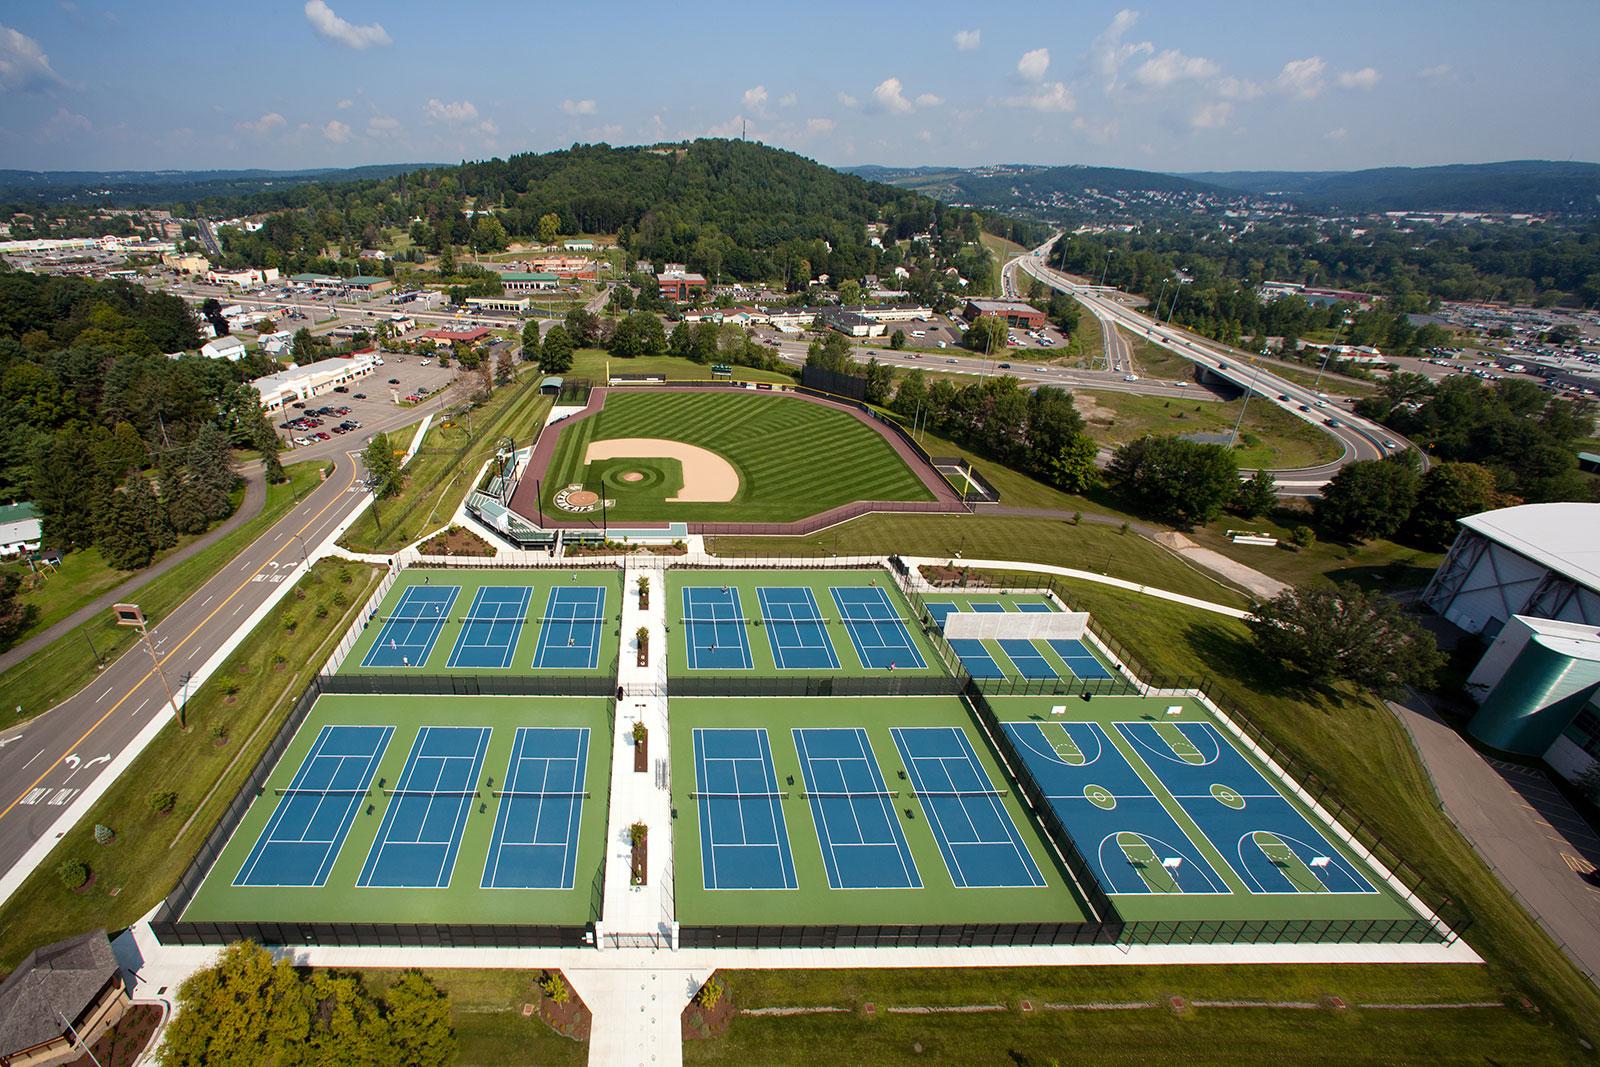 tennis-SUNY-Bing-Aerial